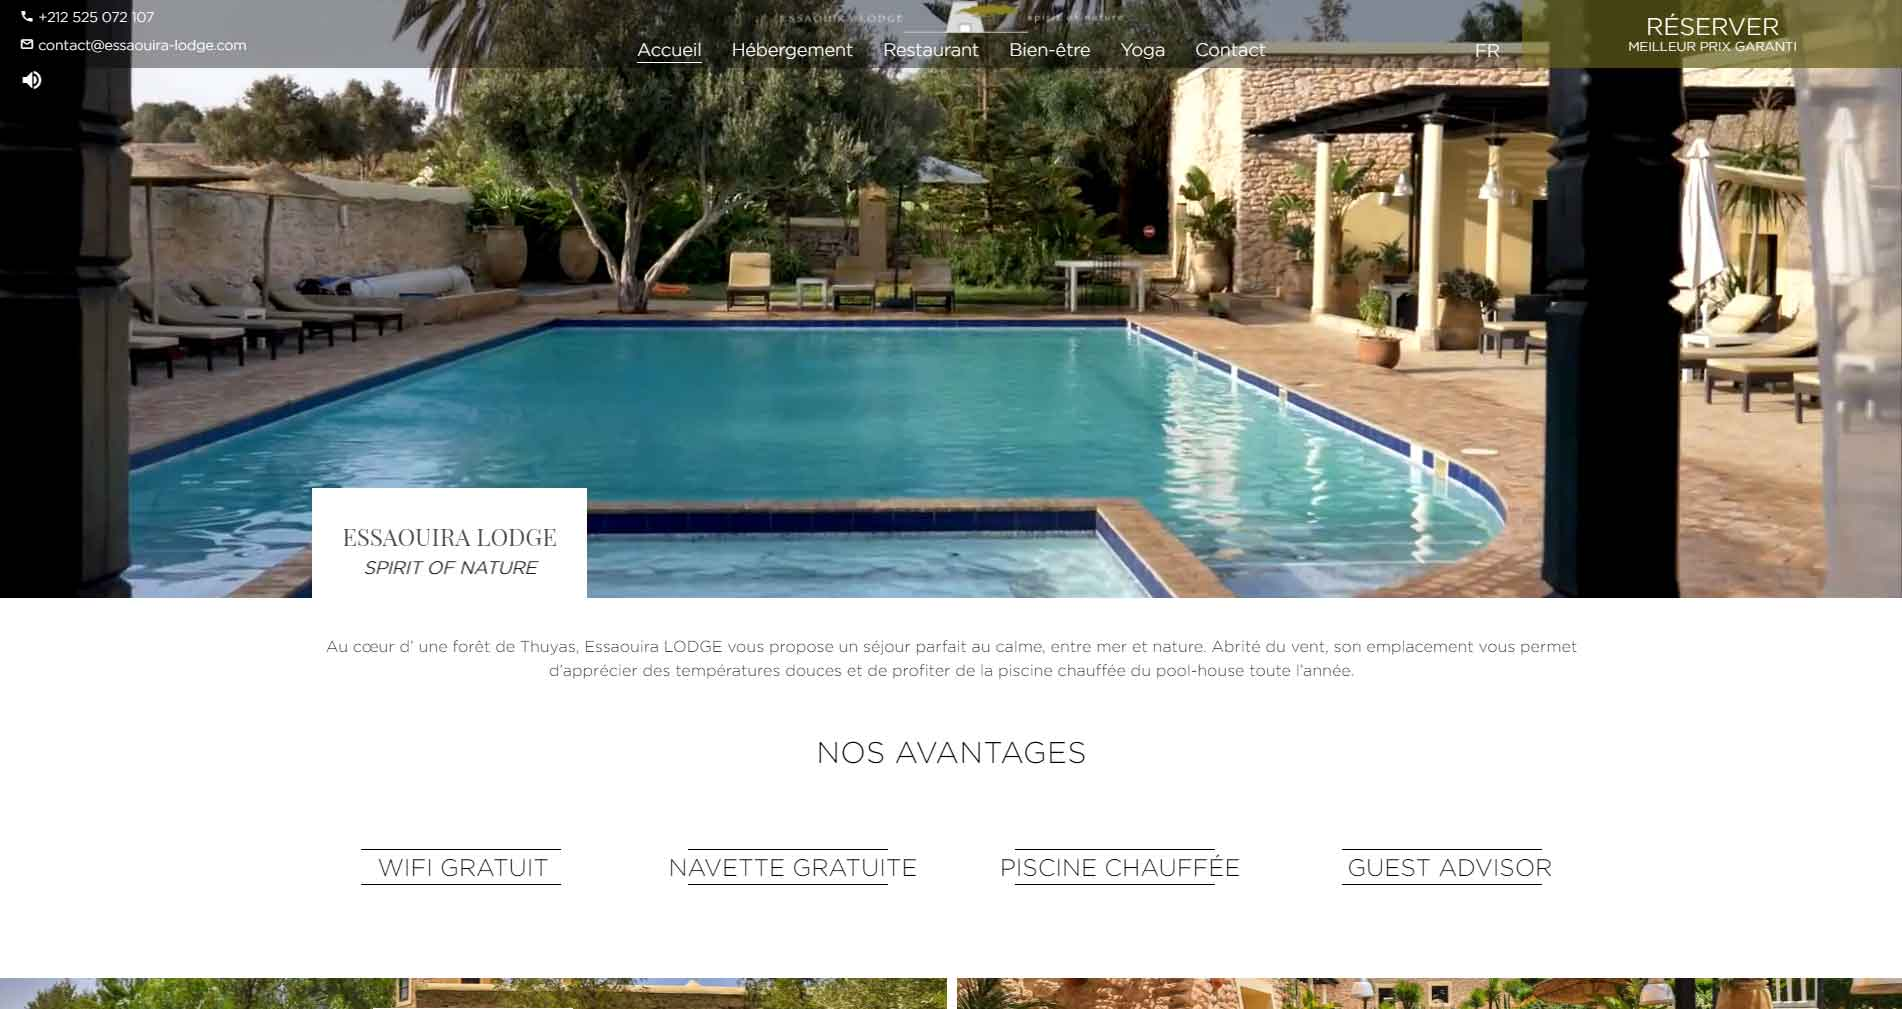 Essaouira Lodge Hôtel à Essaouira